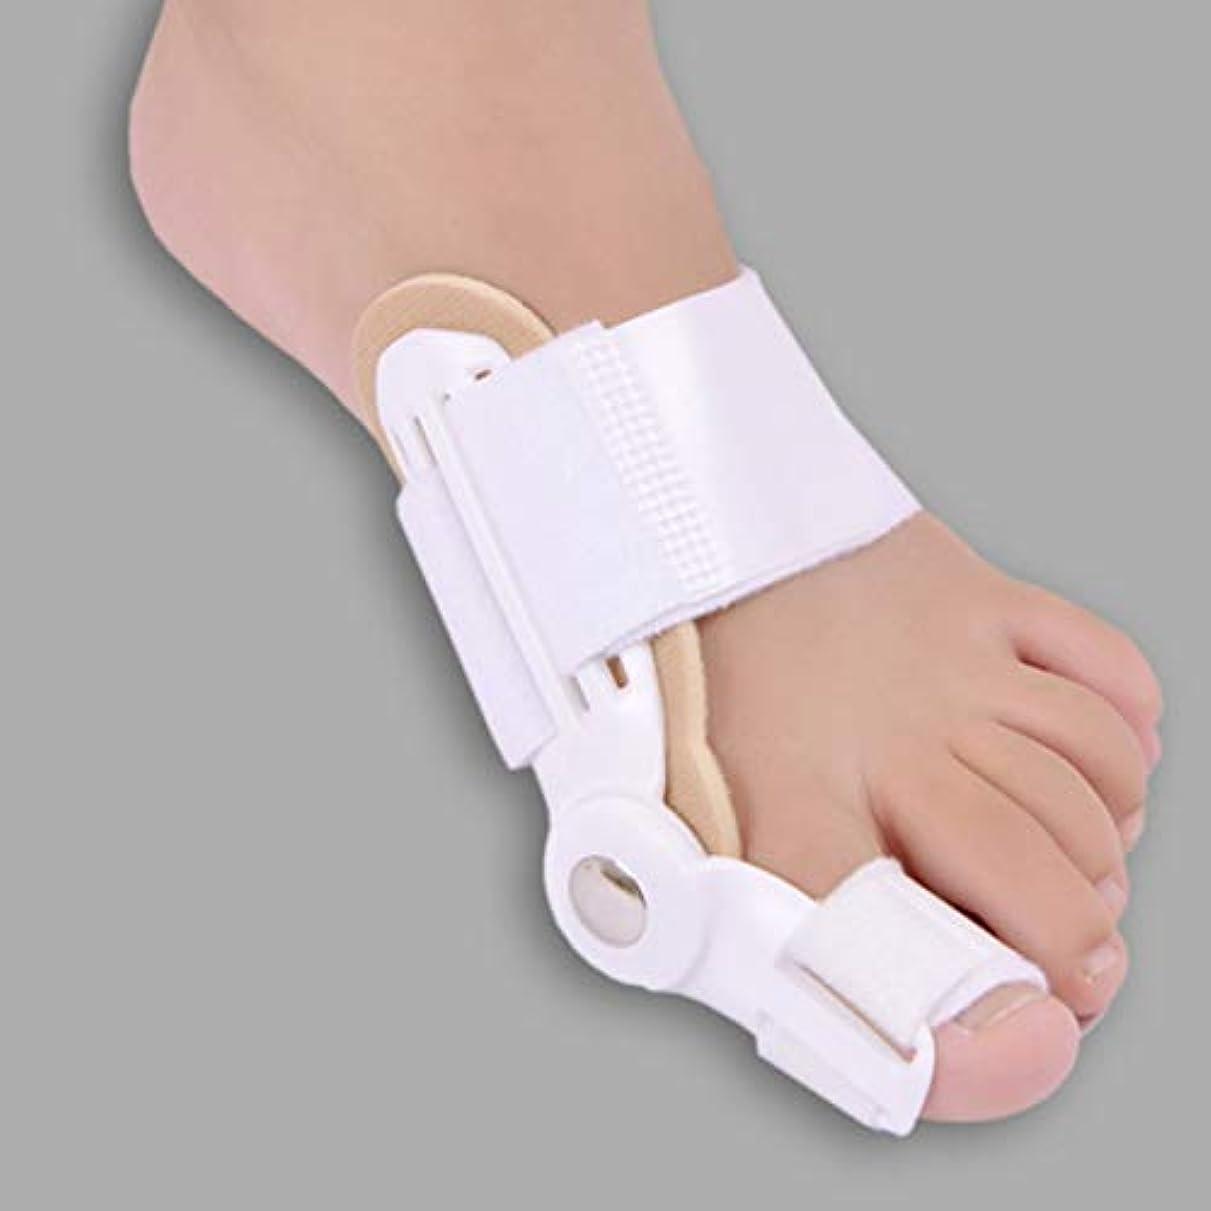 蘇生する遠いキャプテンブライ1pcs Bunion Pain Relief Gel Toe Separators Stretchers Spreaders Foot Pads Cushion Feet Care Shoes Insoles Pad